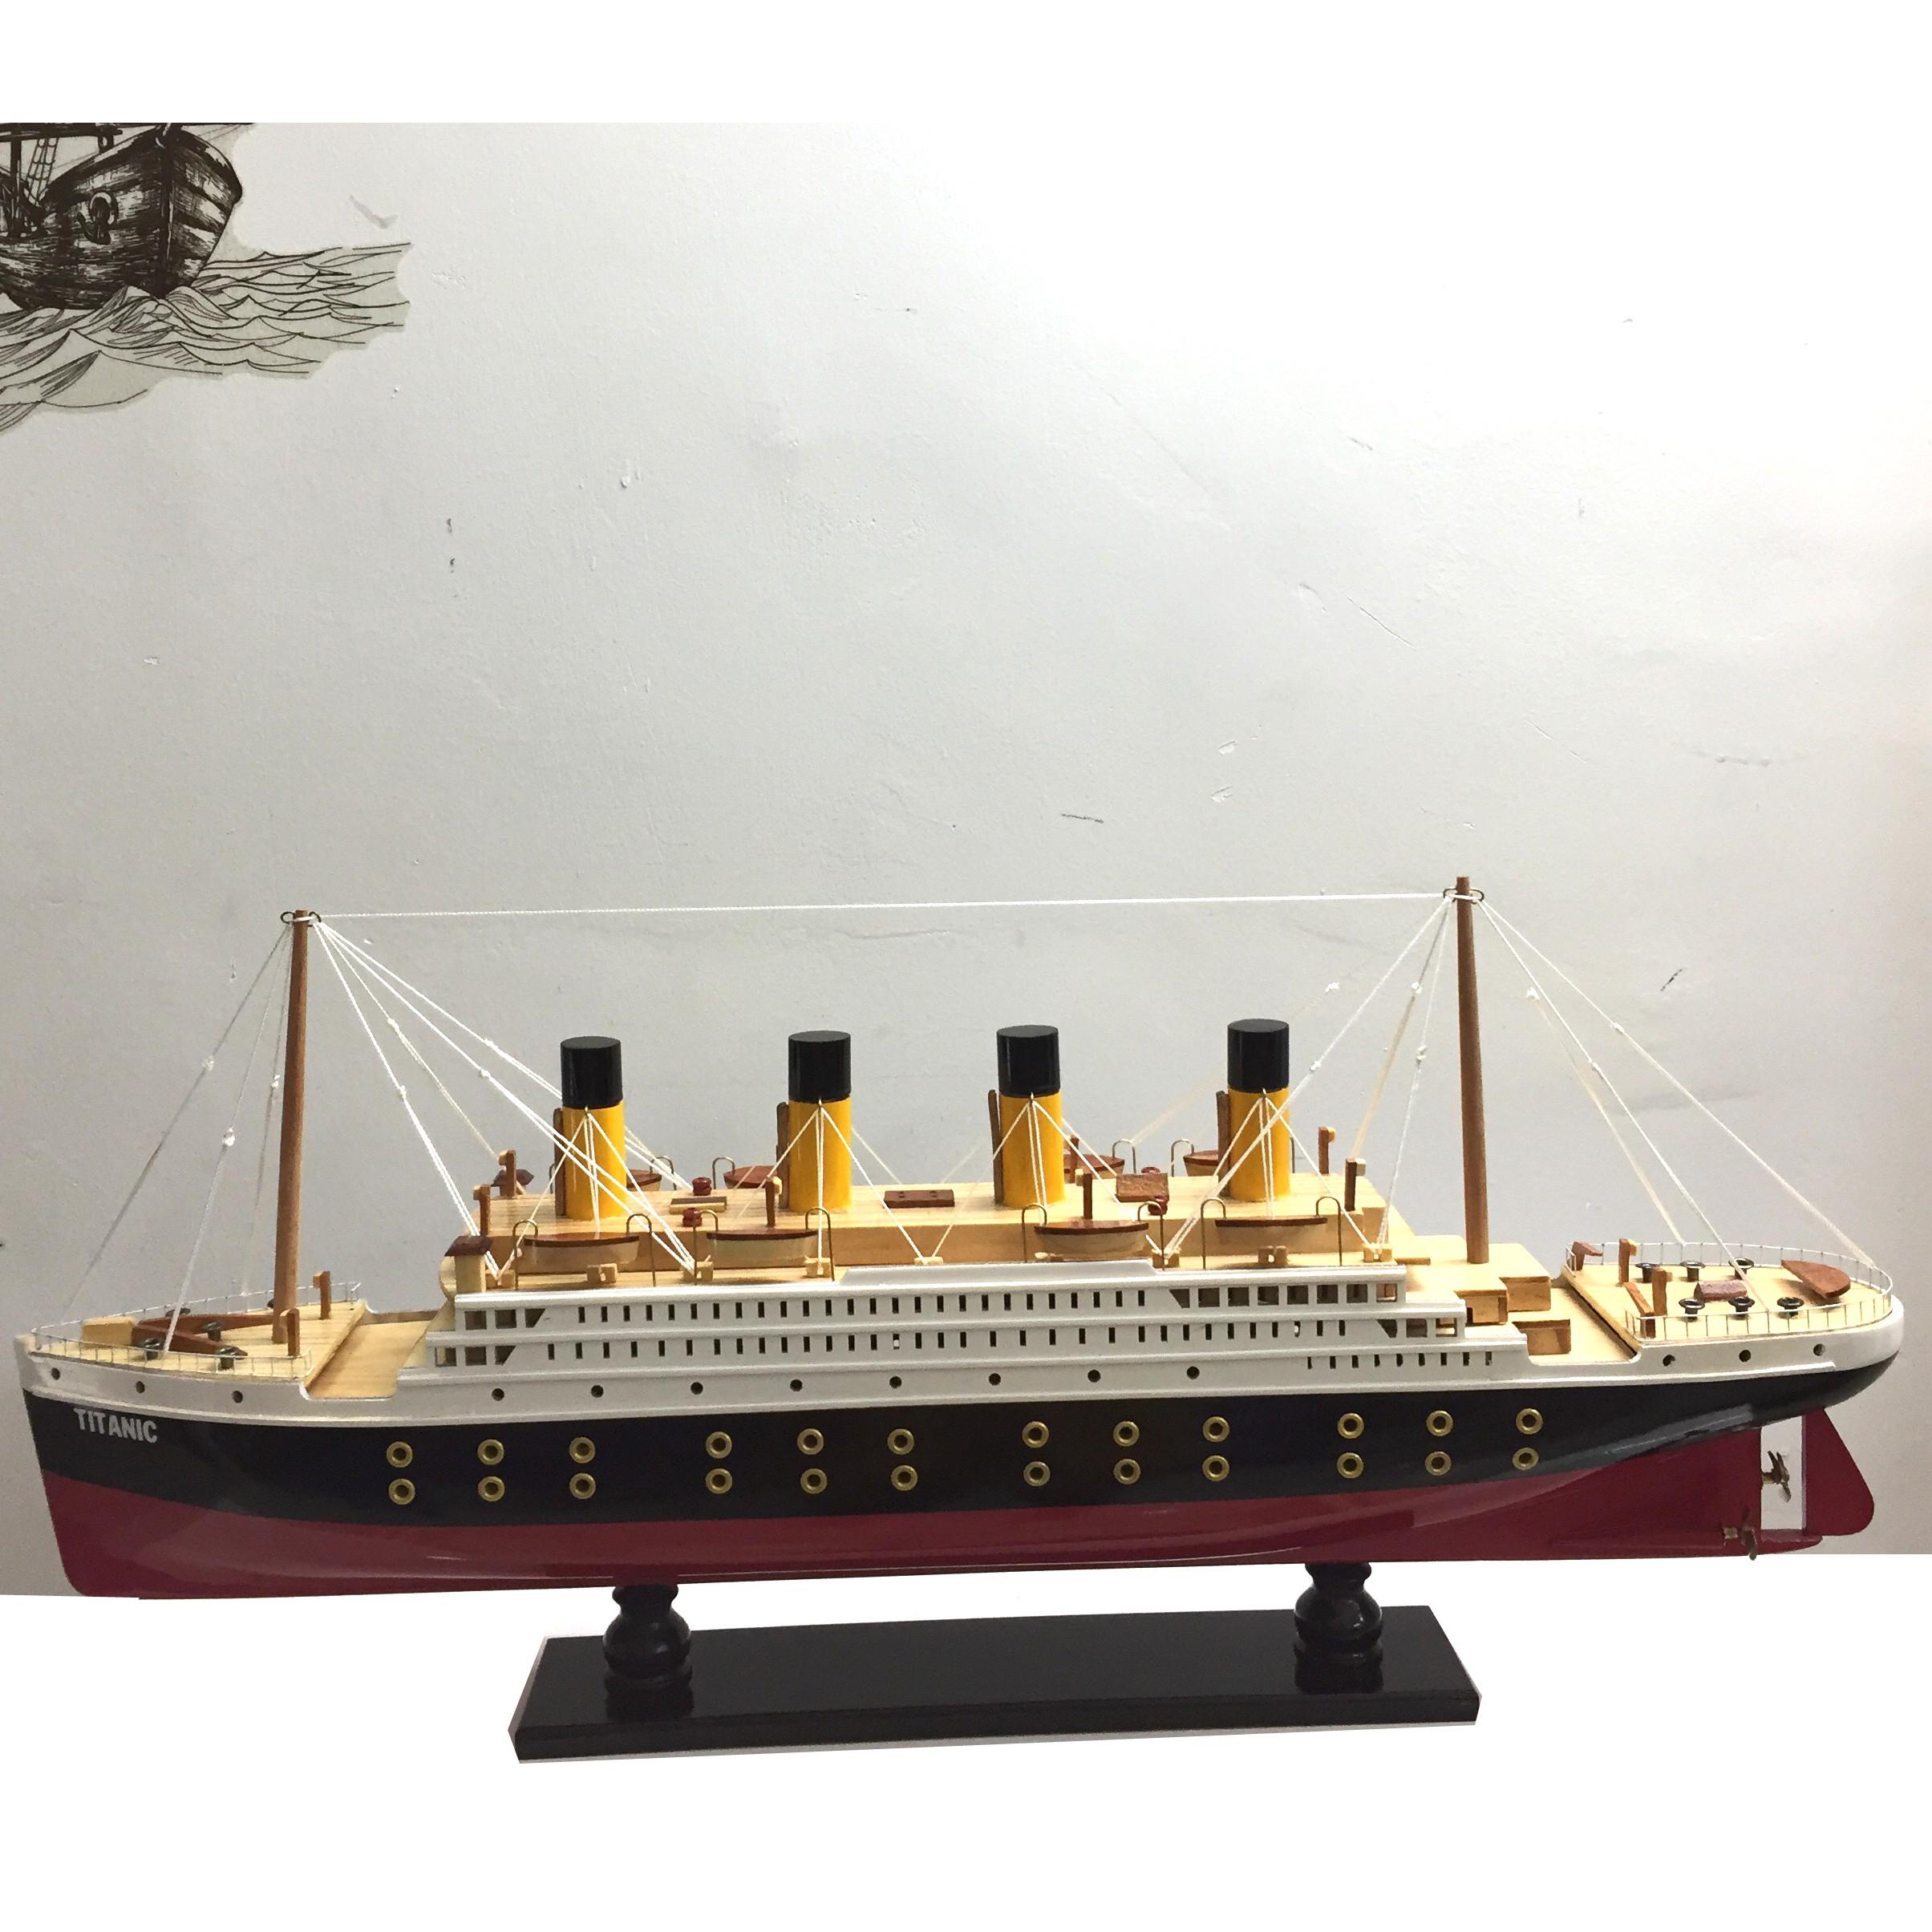 Mô Hình Du Thuyền Gỗ RMS Titanic (Thân 60cm - Gỗ Sơn)